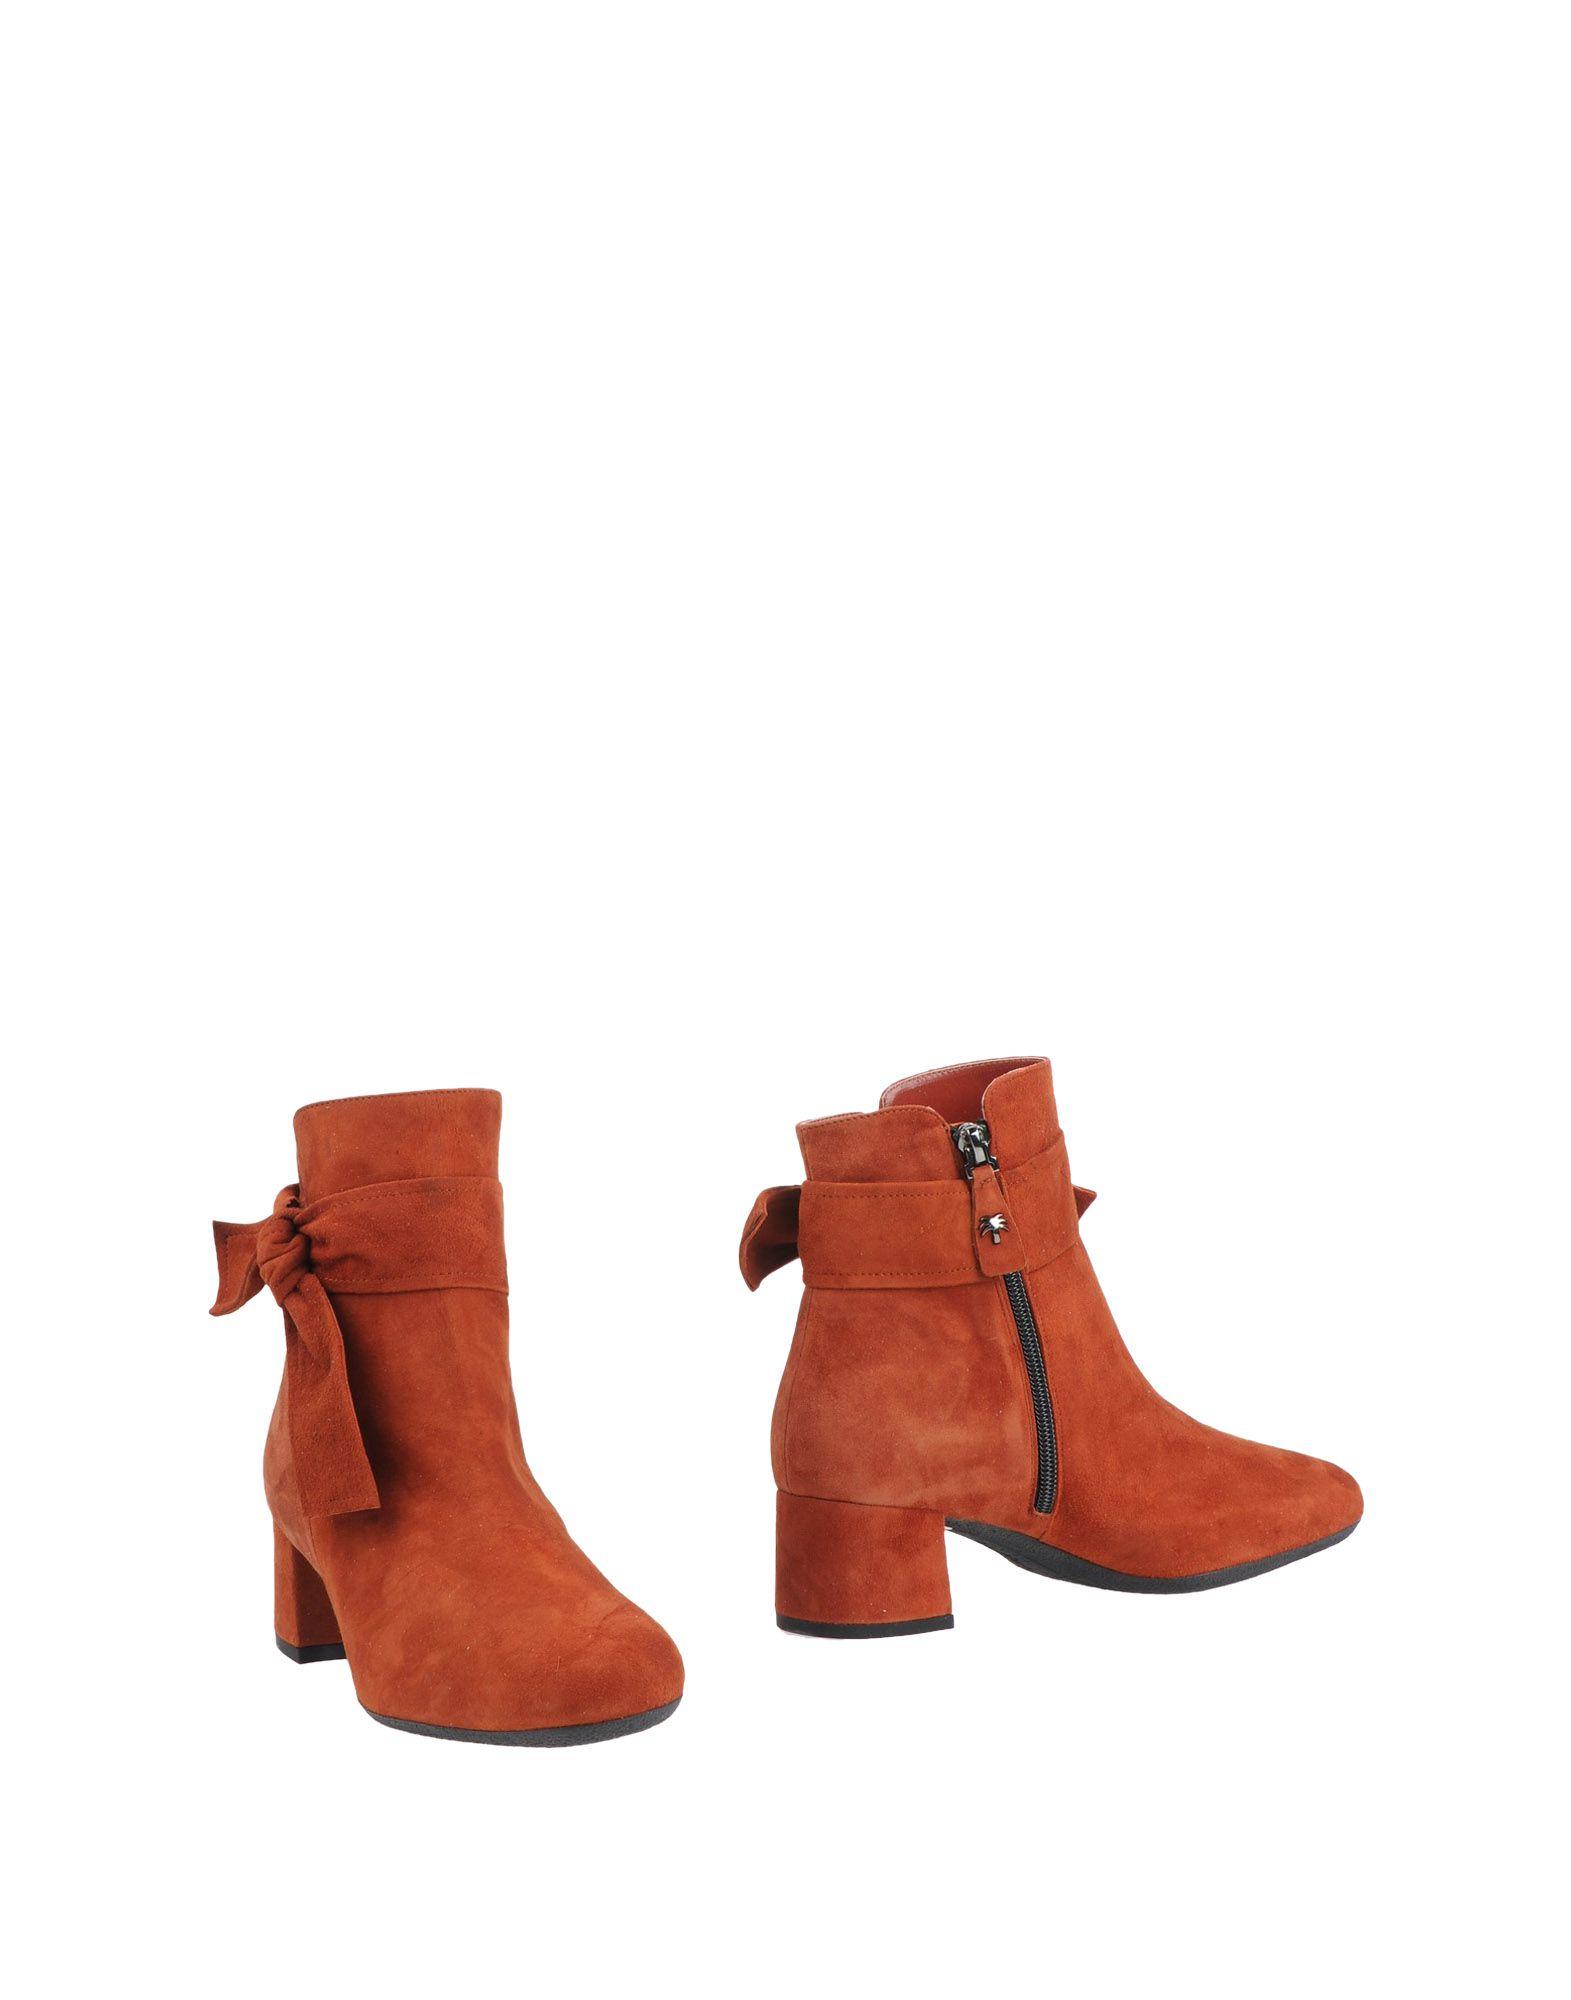 Voltan Stiefelette Damen  11319388GT Gute Qualität beliebte Schuhe